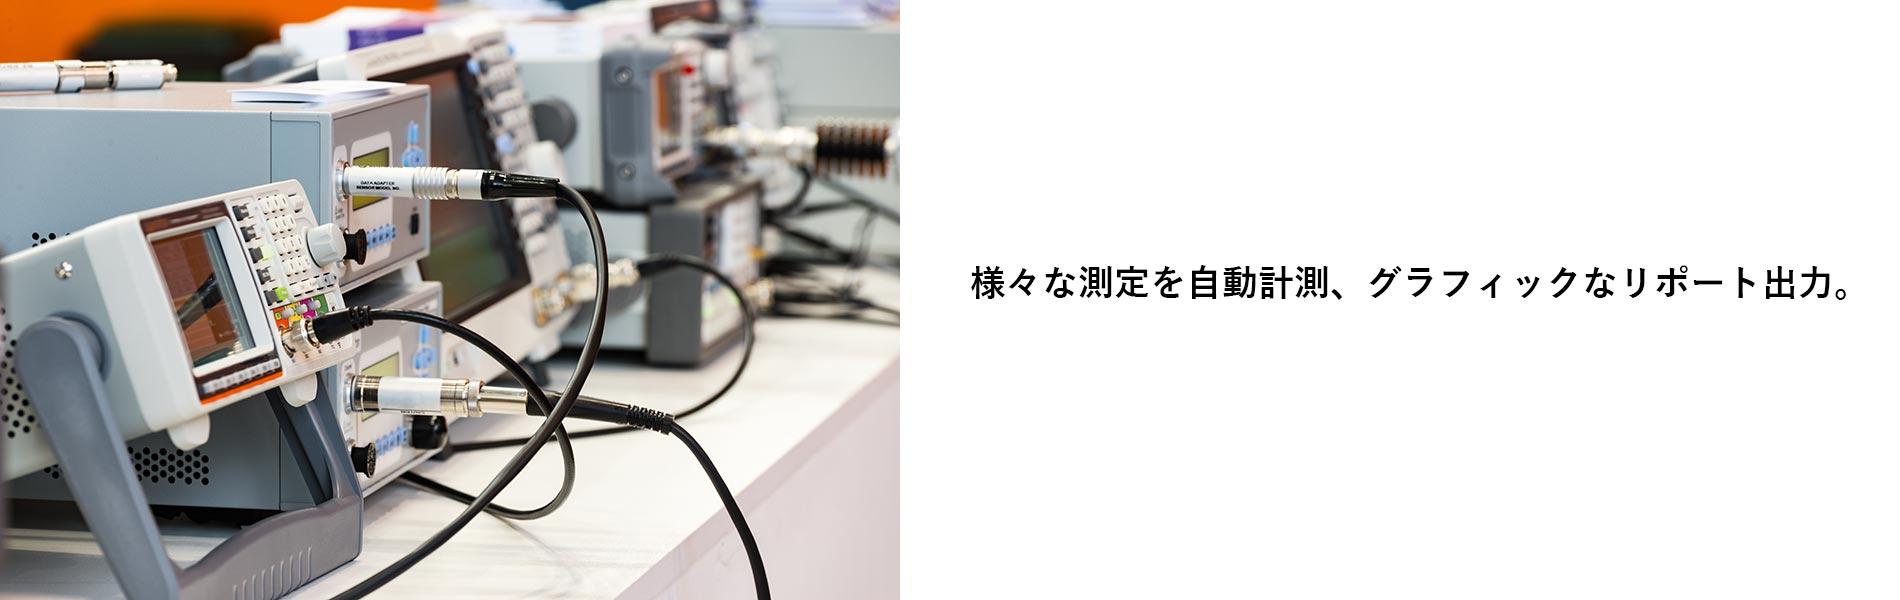 電源自動評価システム